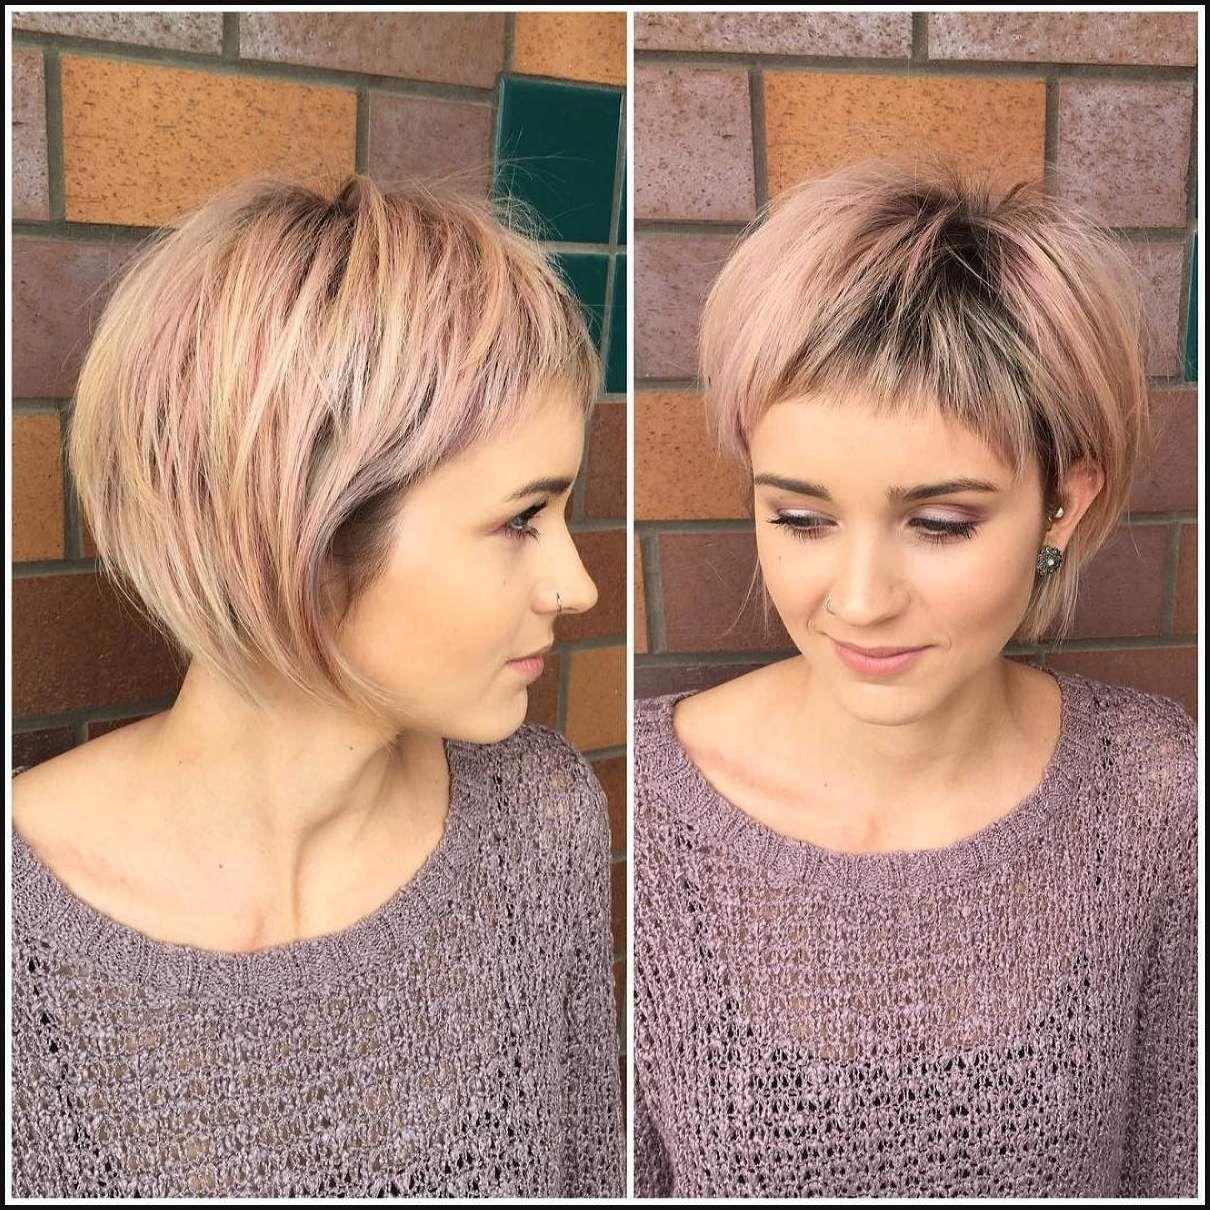 Atemberaubend Schön Frisuren Feines Haar Vorher Nachher Die